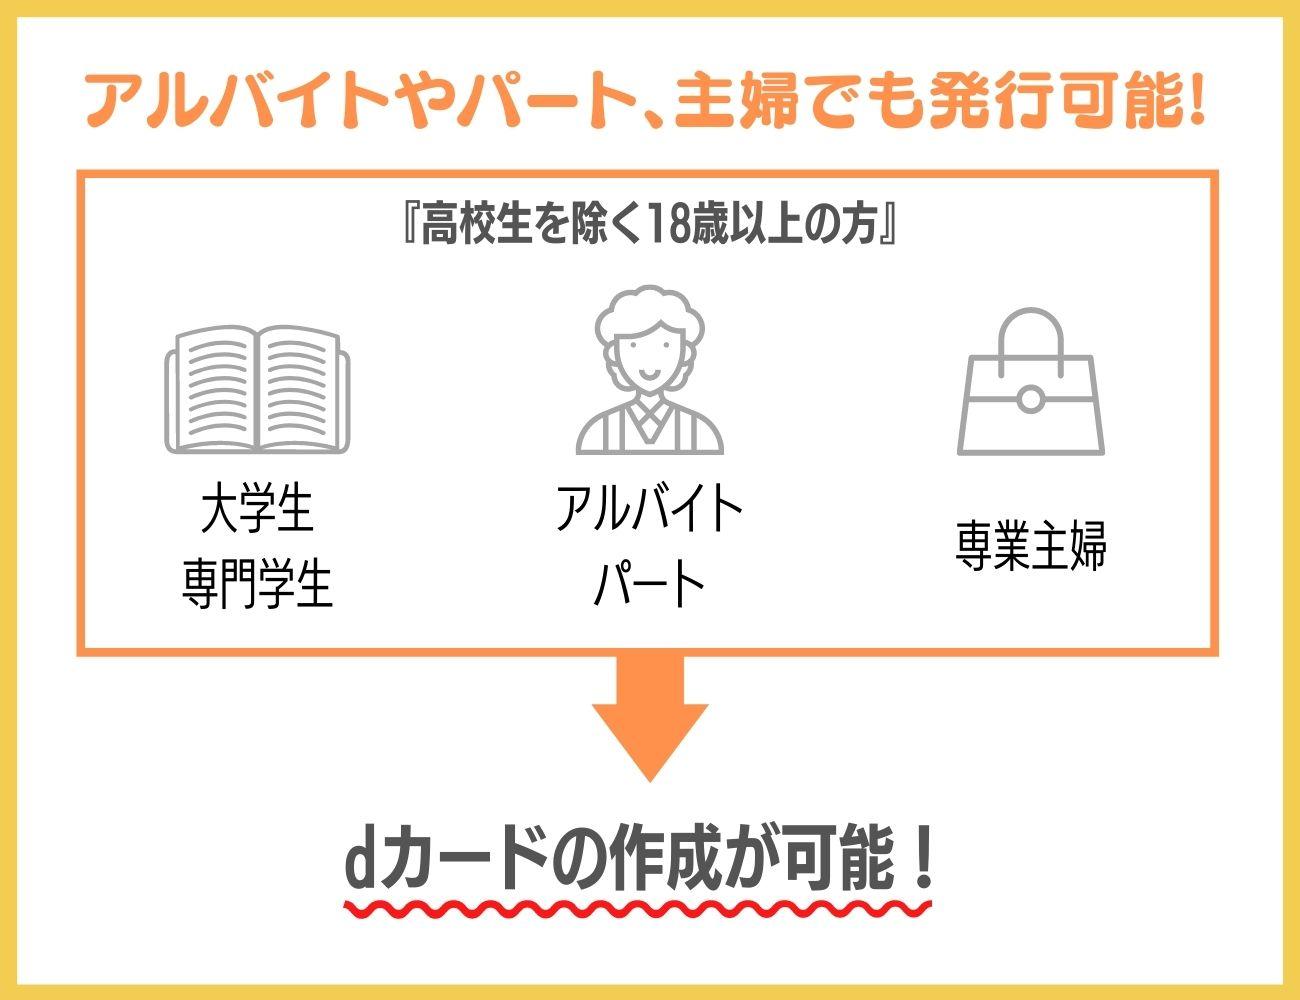 dカードはアルバイトやパート、主婦の方でも発行できる